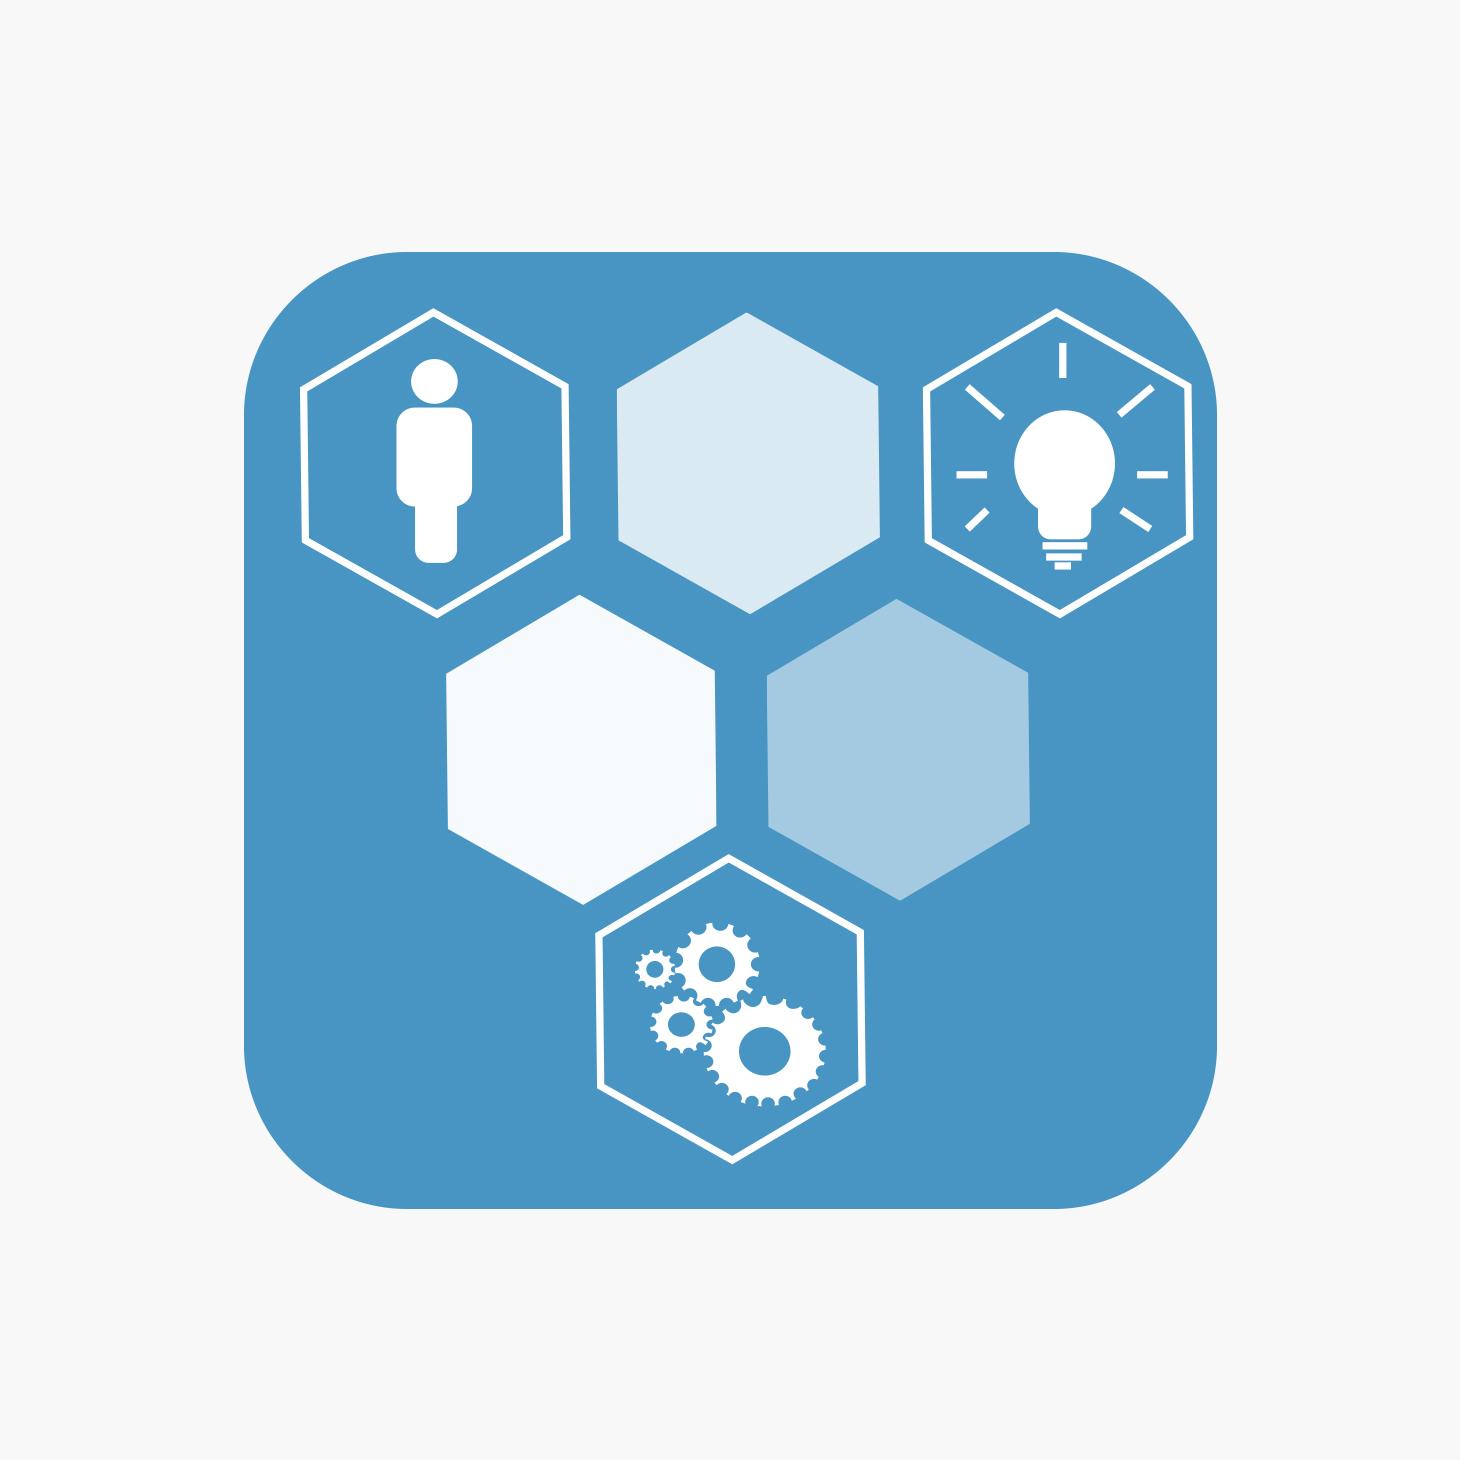 Логотип / иконка сервиса управления проектами / задачами фото f_4875975bd8b781ea.jpg